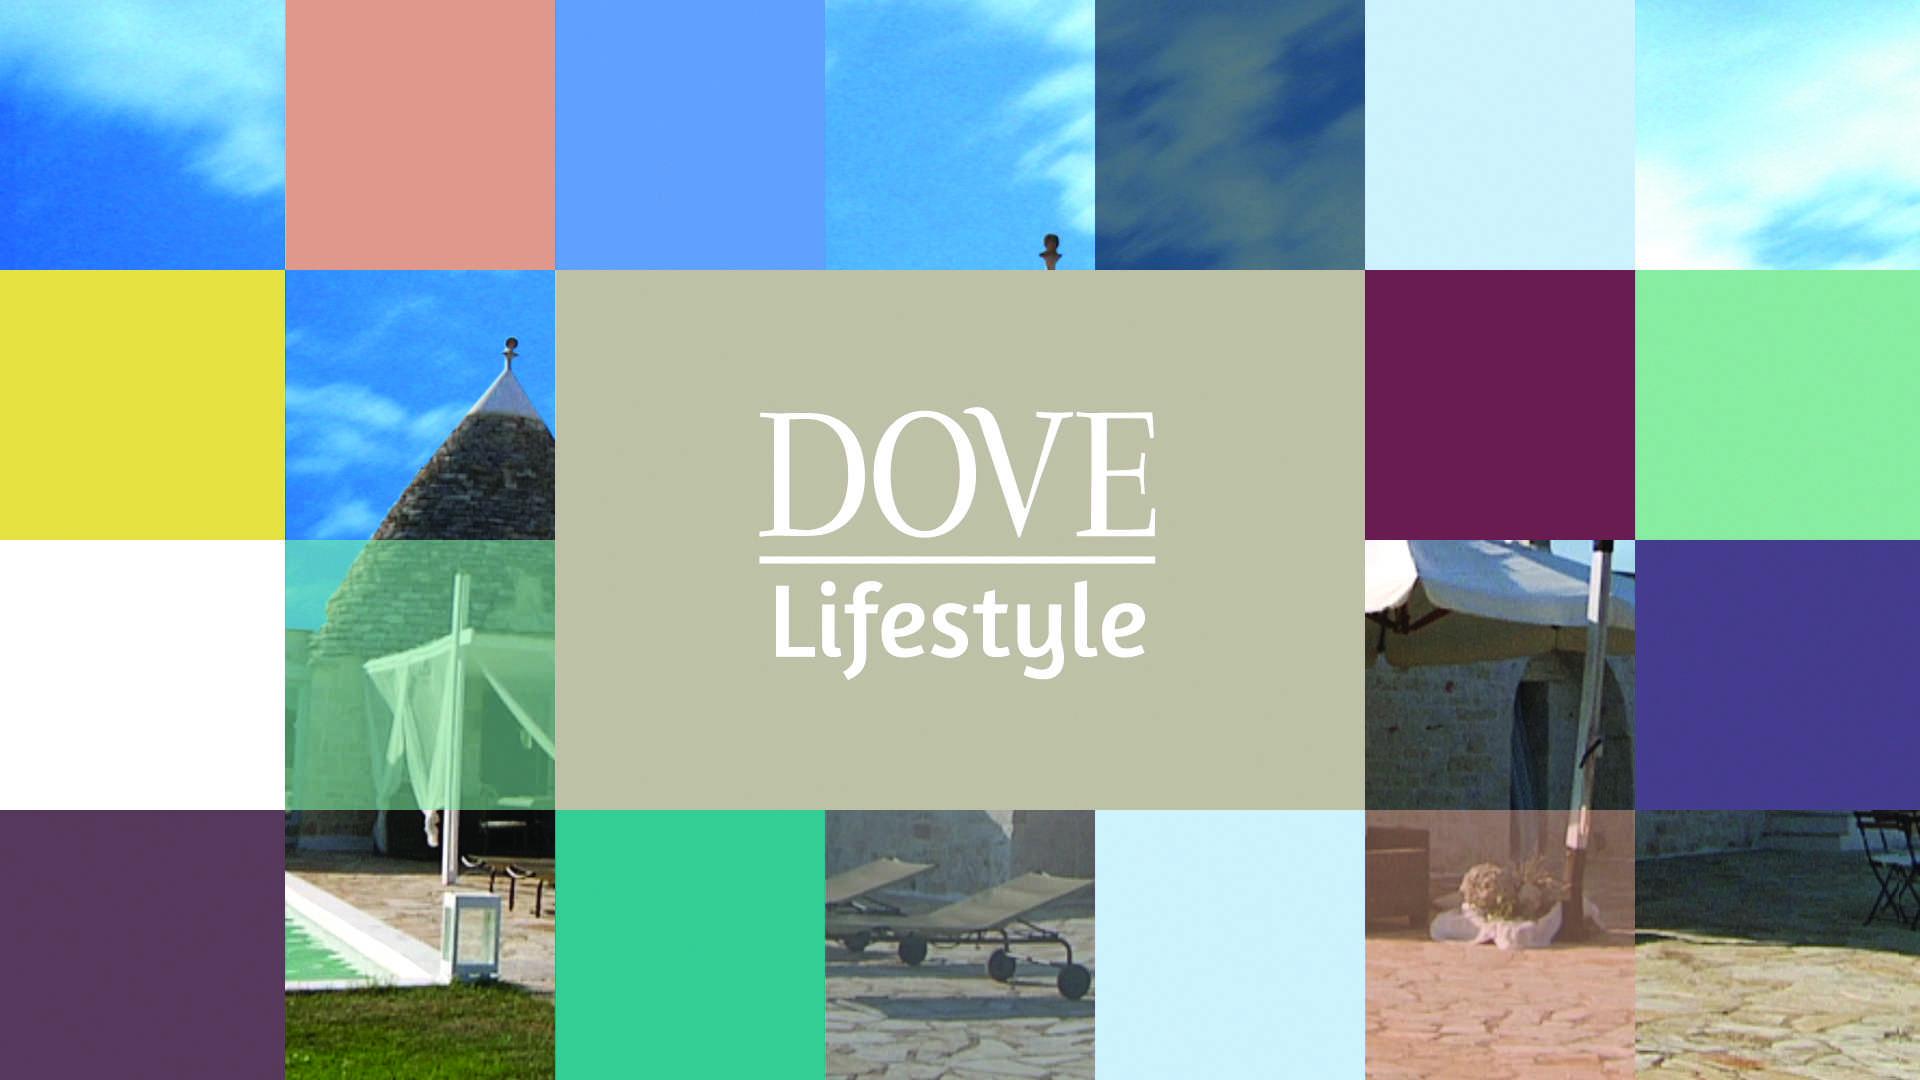 Il canale tv Dove (Sky 412) si rifà il look e diventa lifestyle | Digitale terrestre: Dtti.it